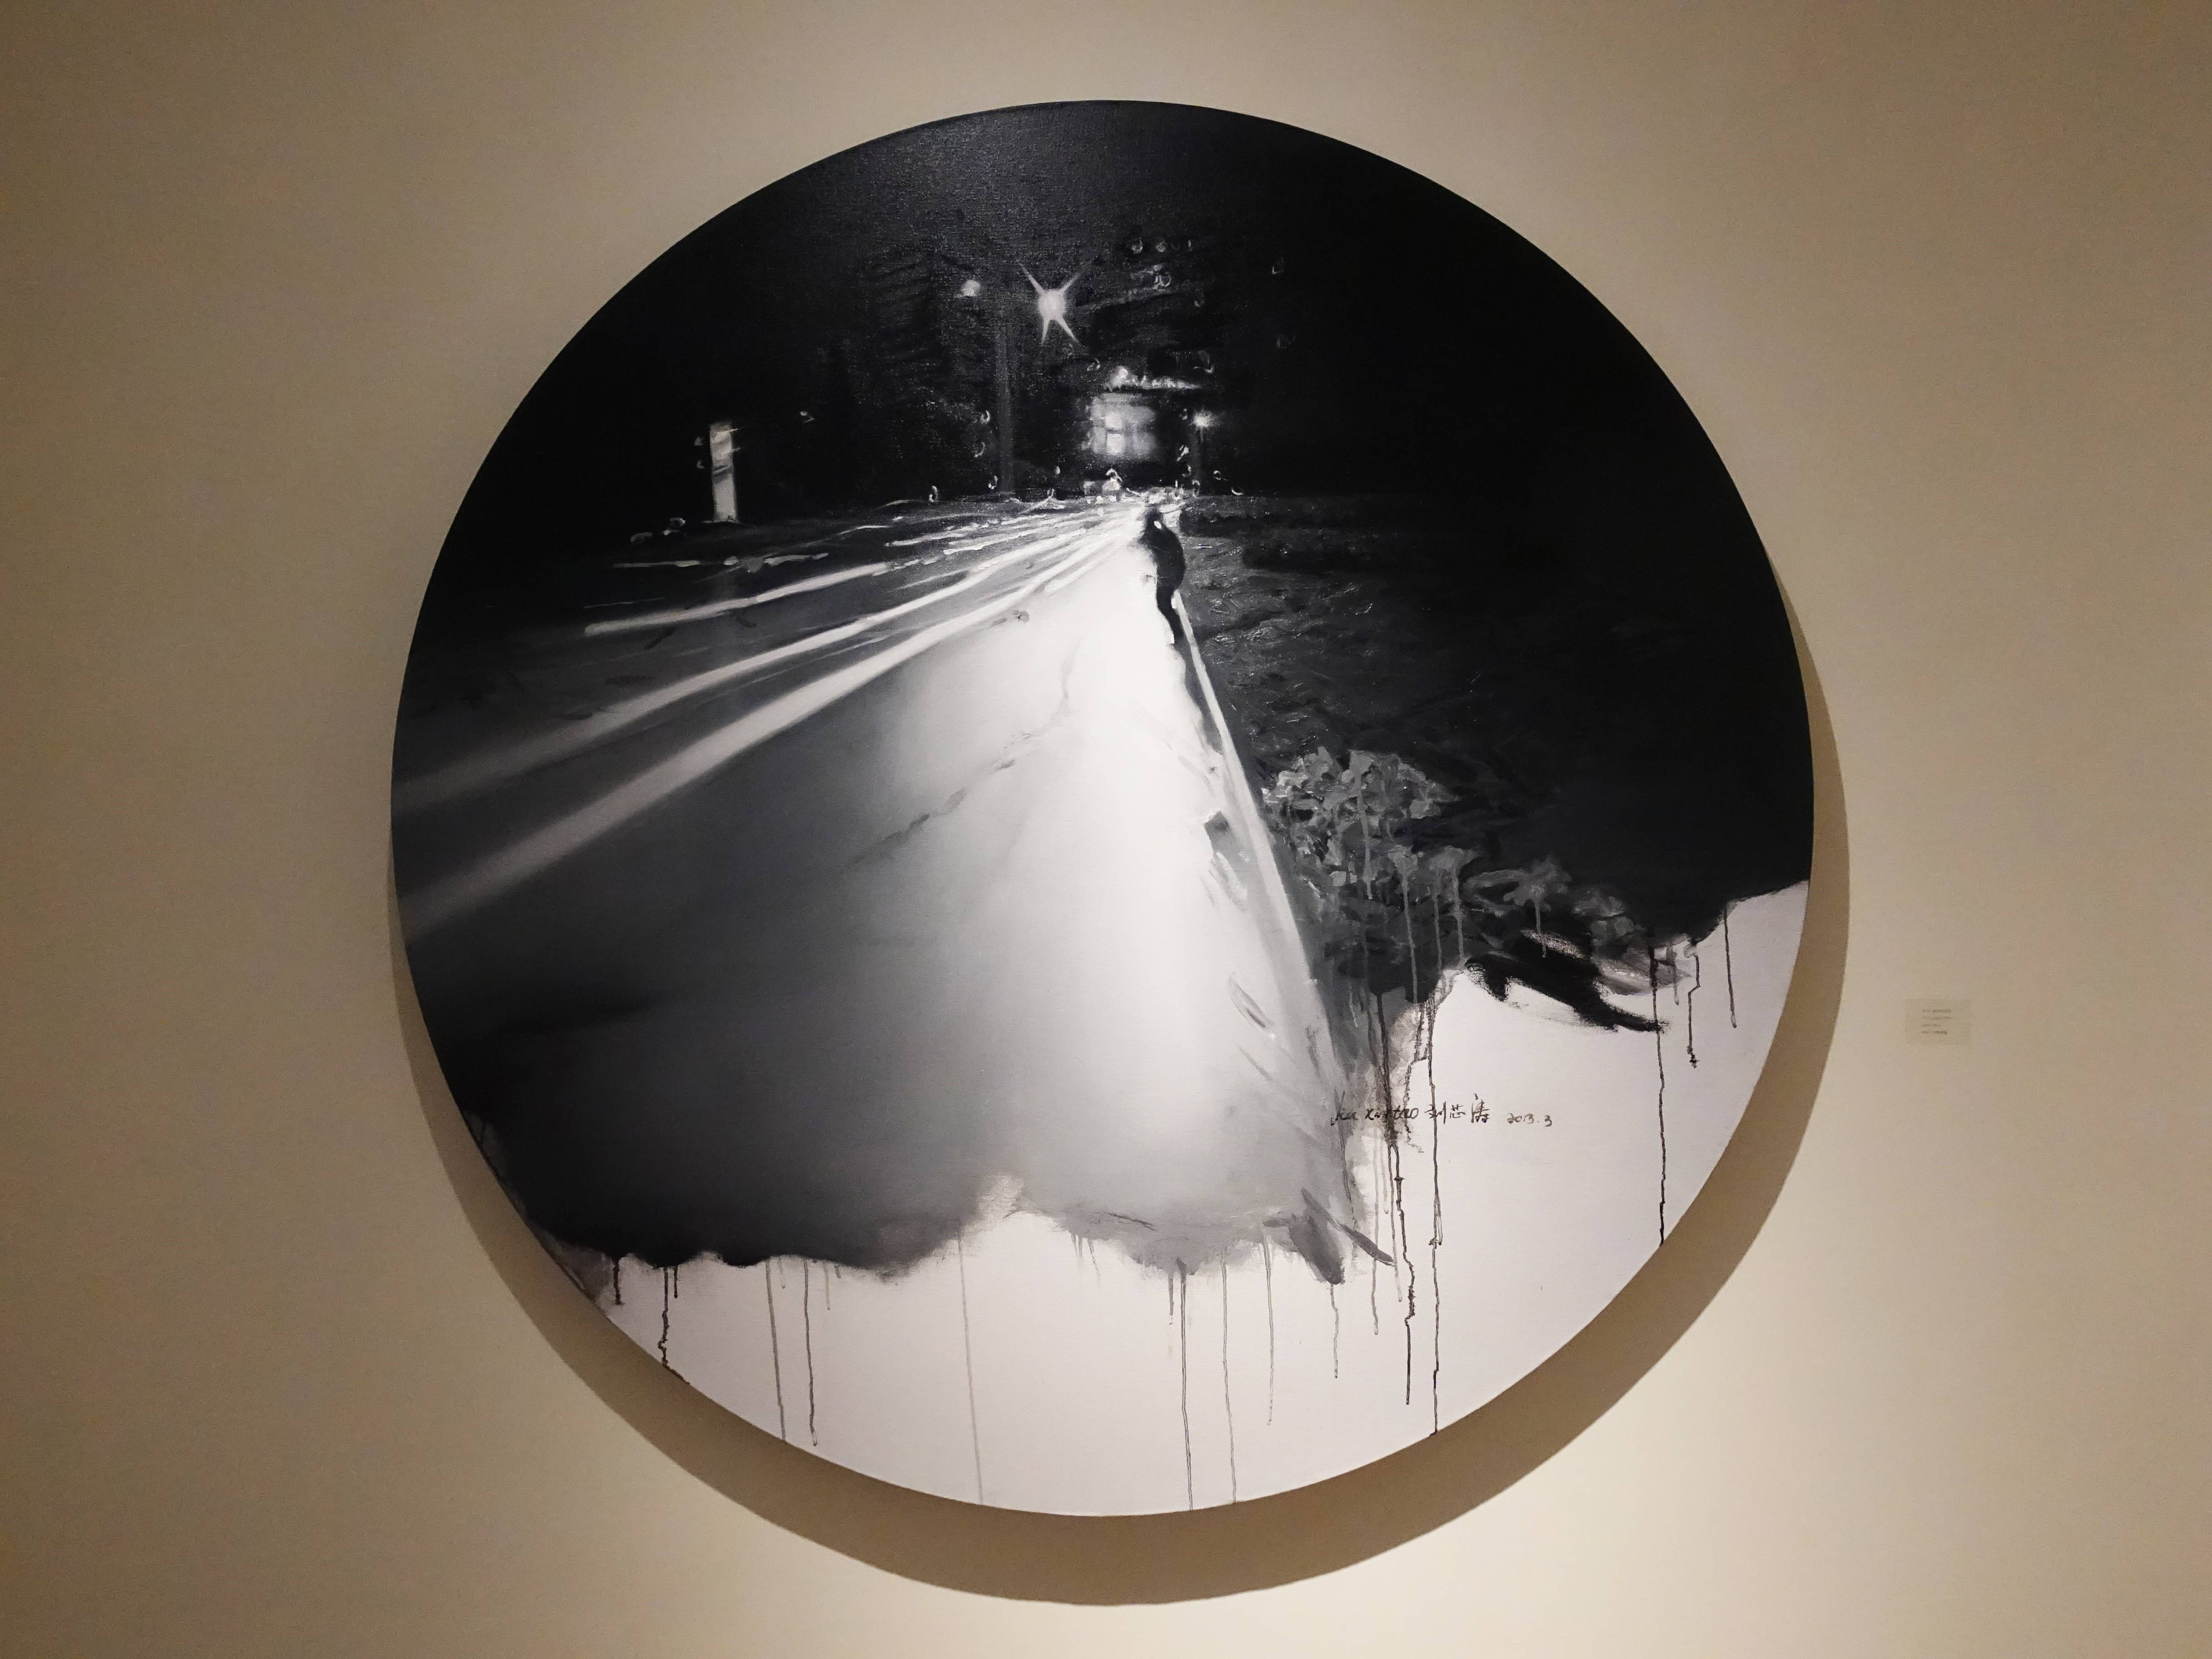 劉芯濤,《望京的夜晚》,150 x 150 cm,布面油畫,2013。